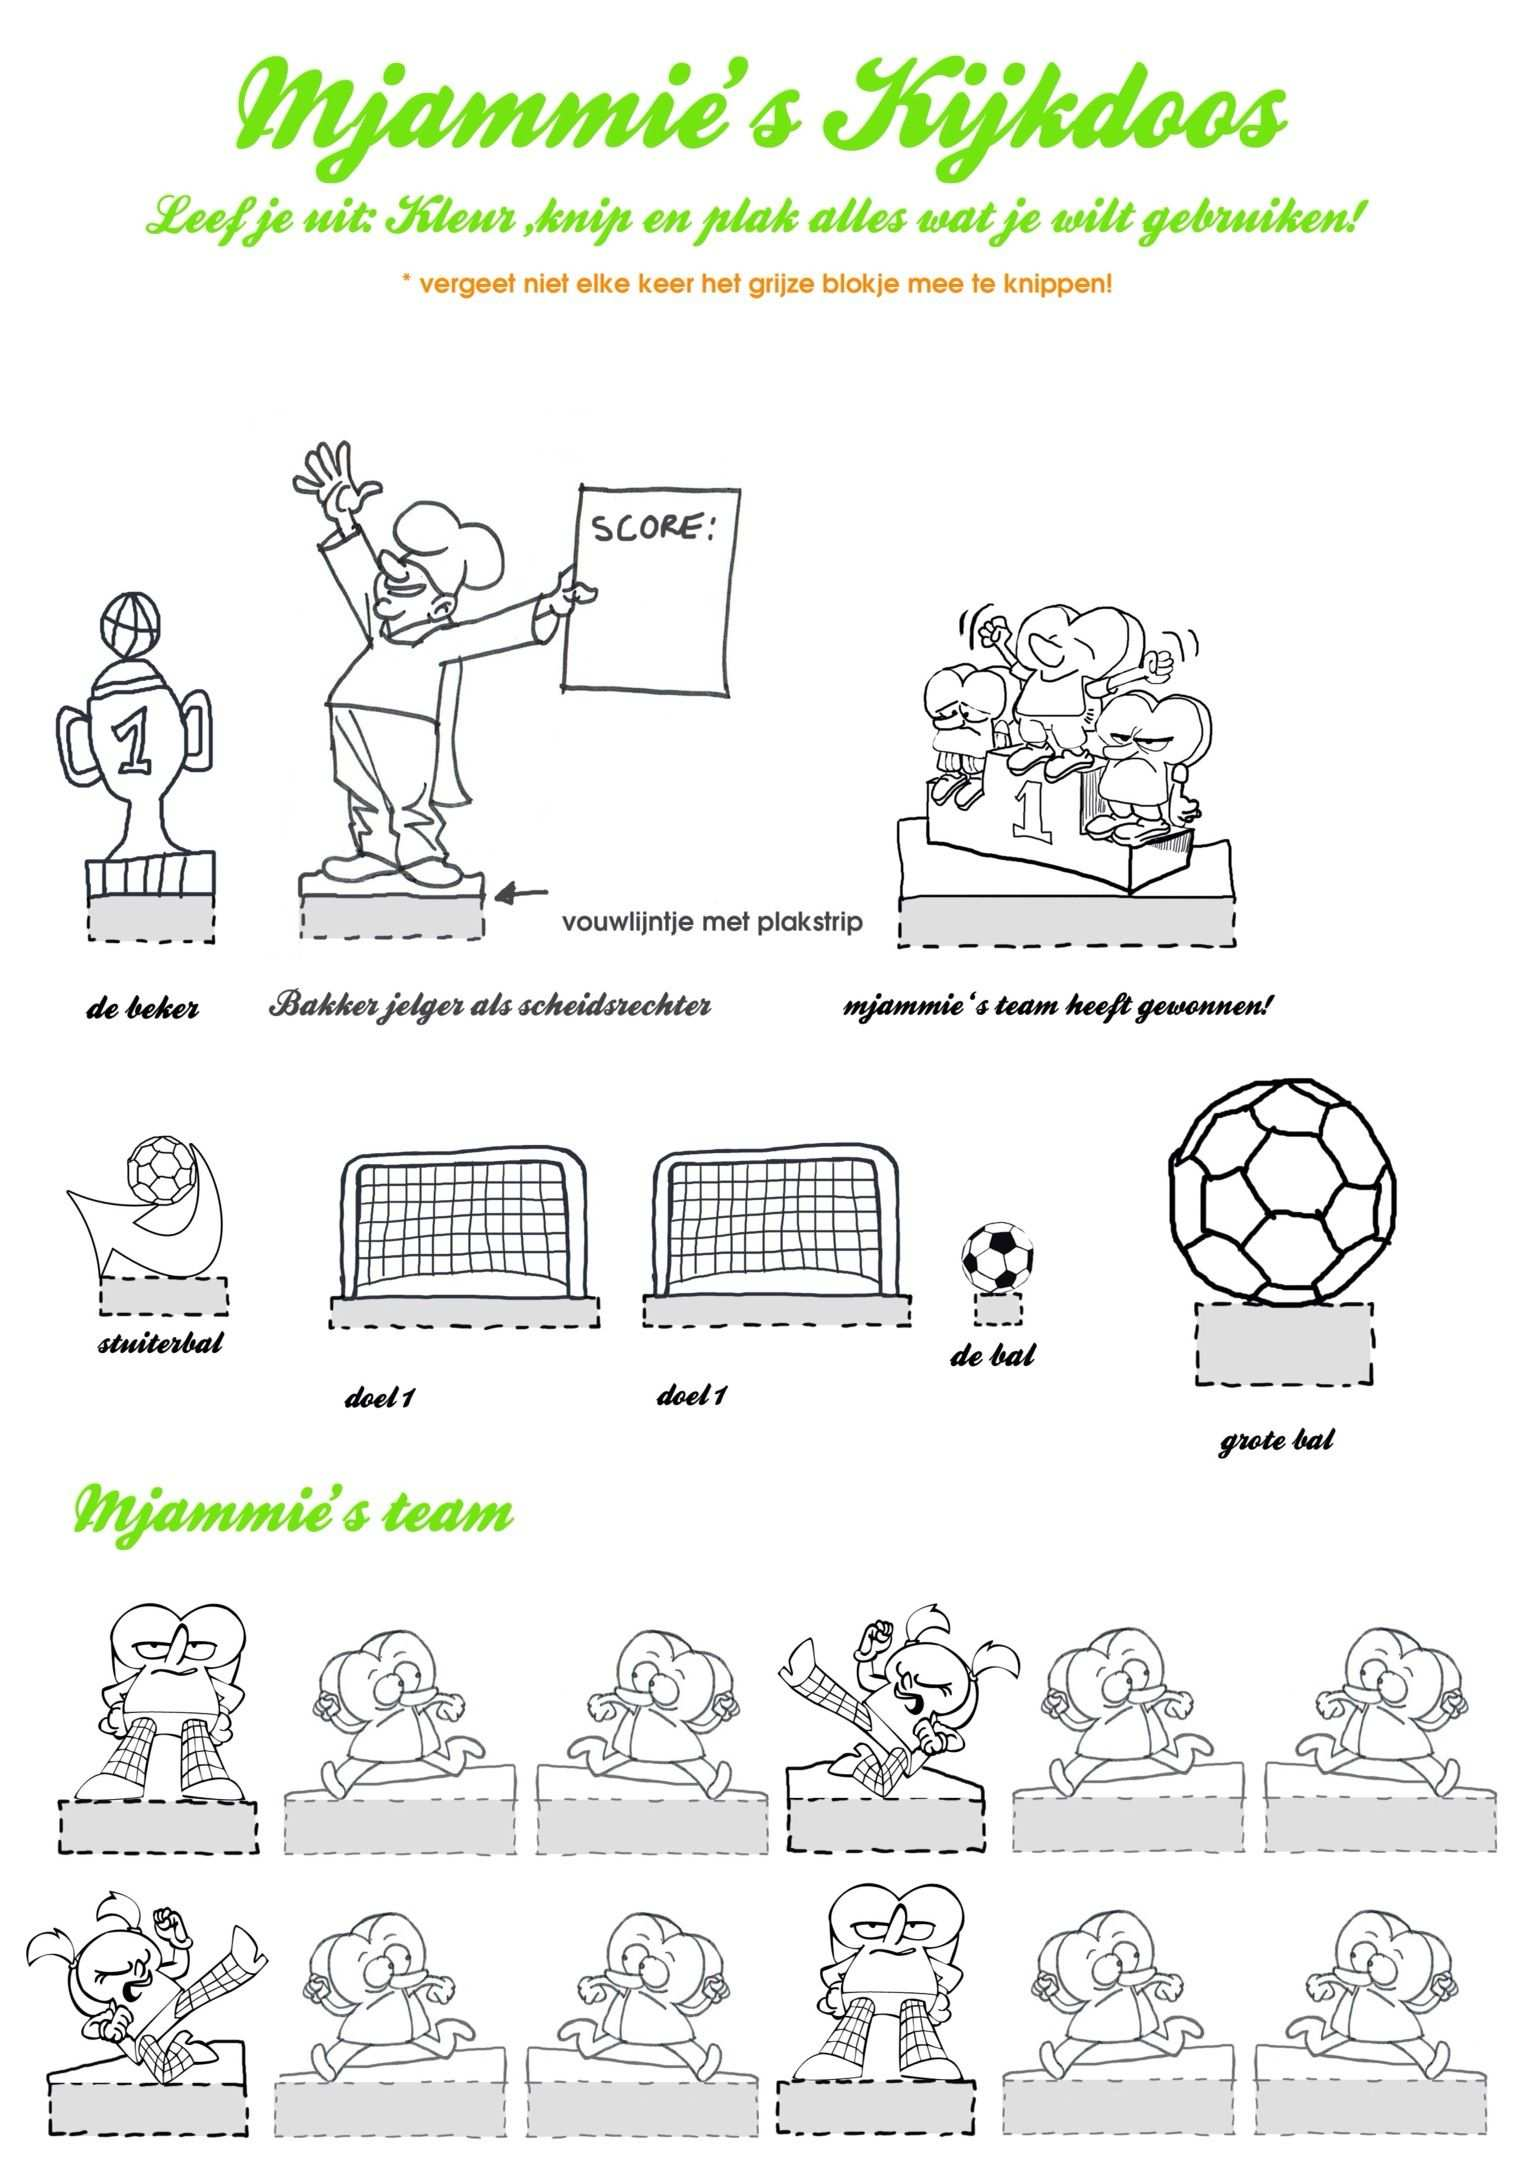 Voetbal Voetbal Voetballers En Sport